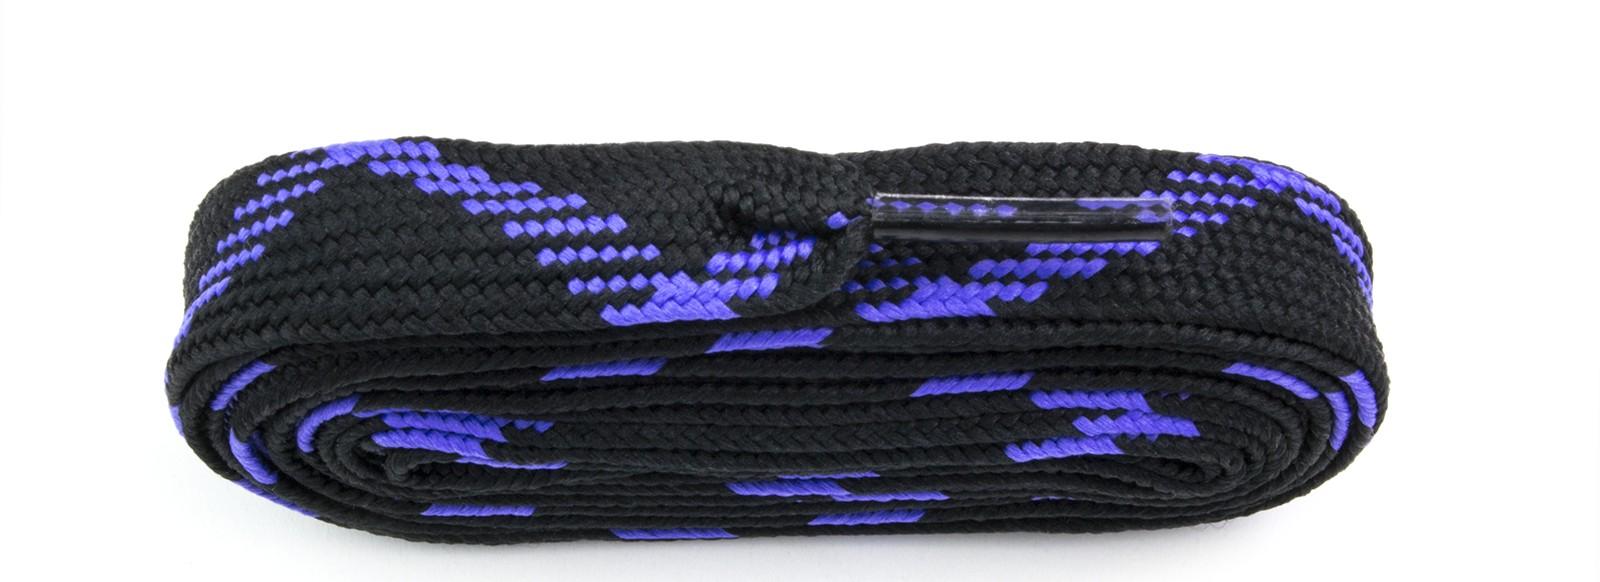 Black/purple Fat Laces